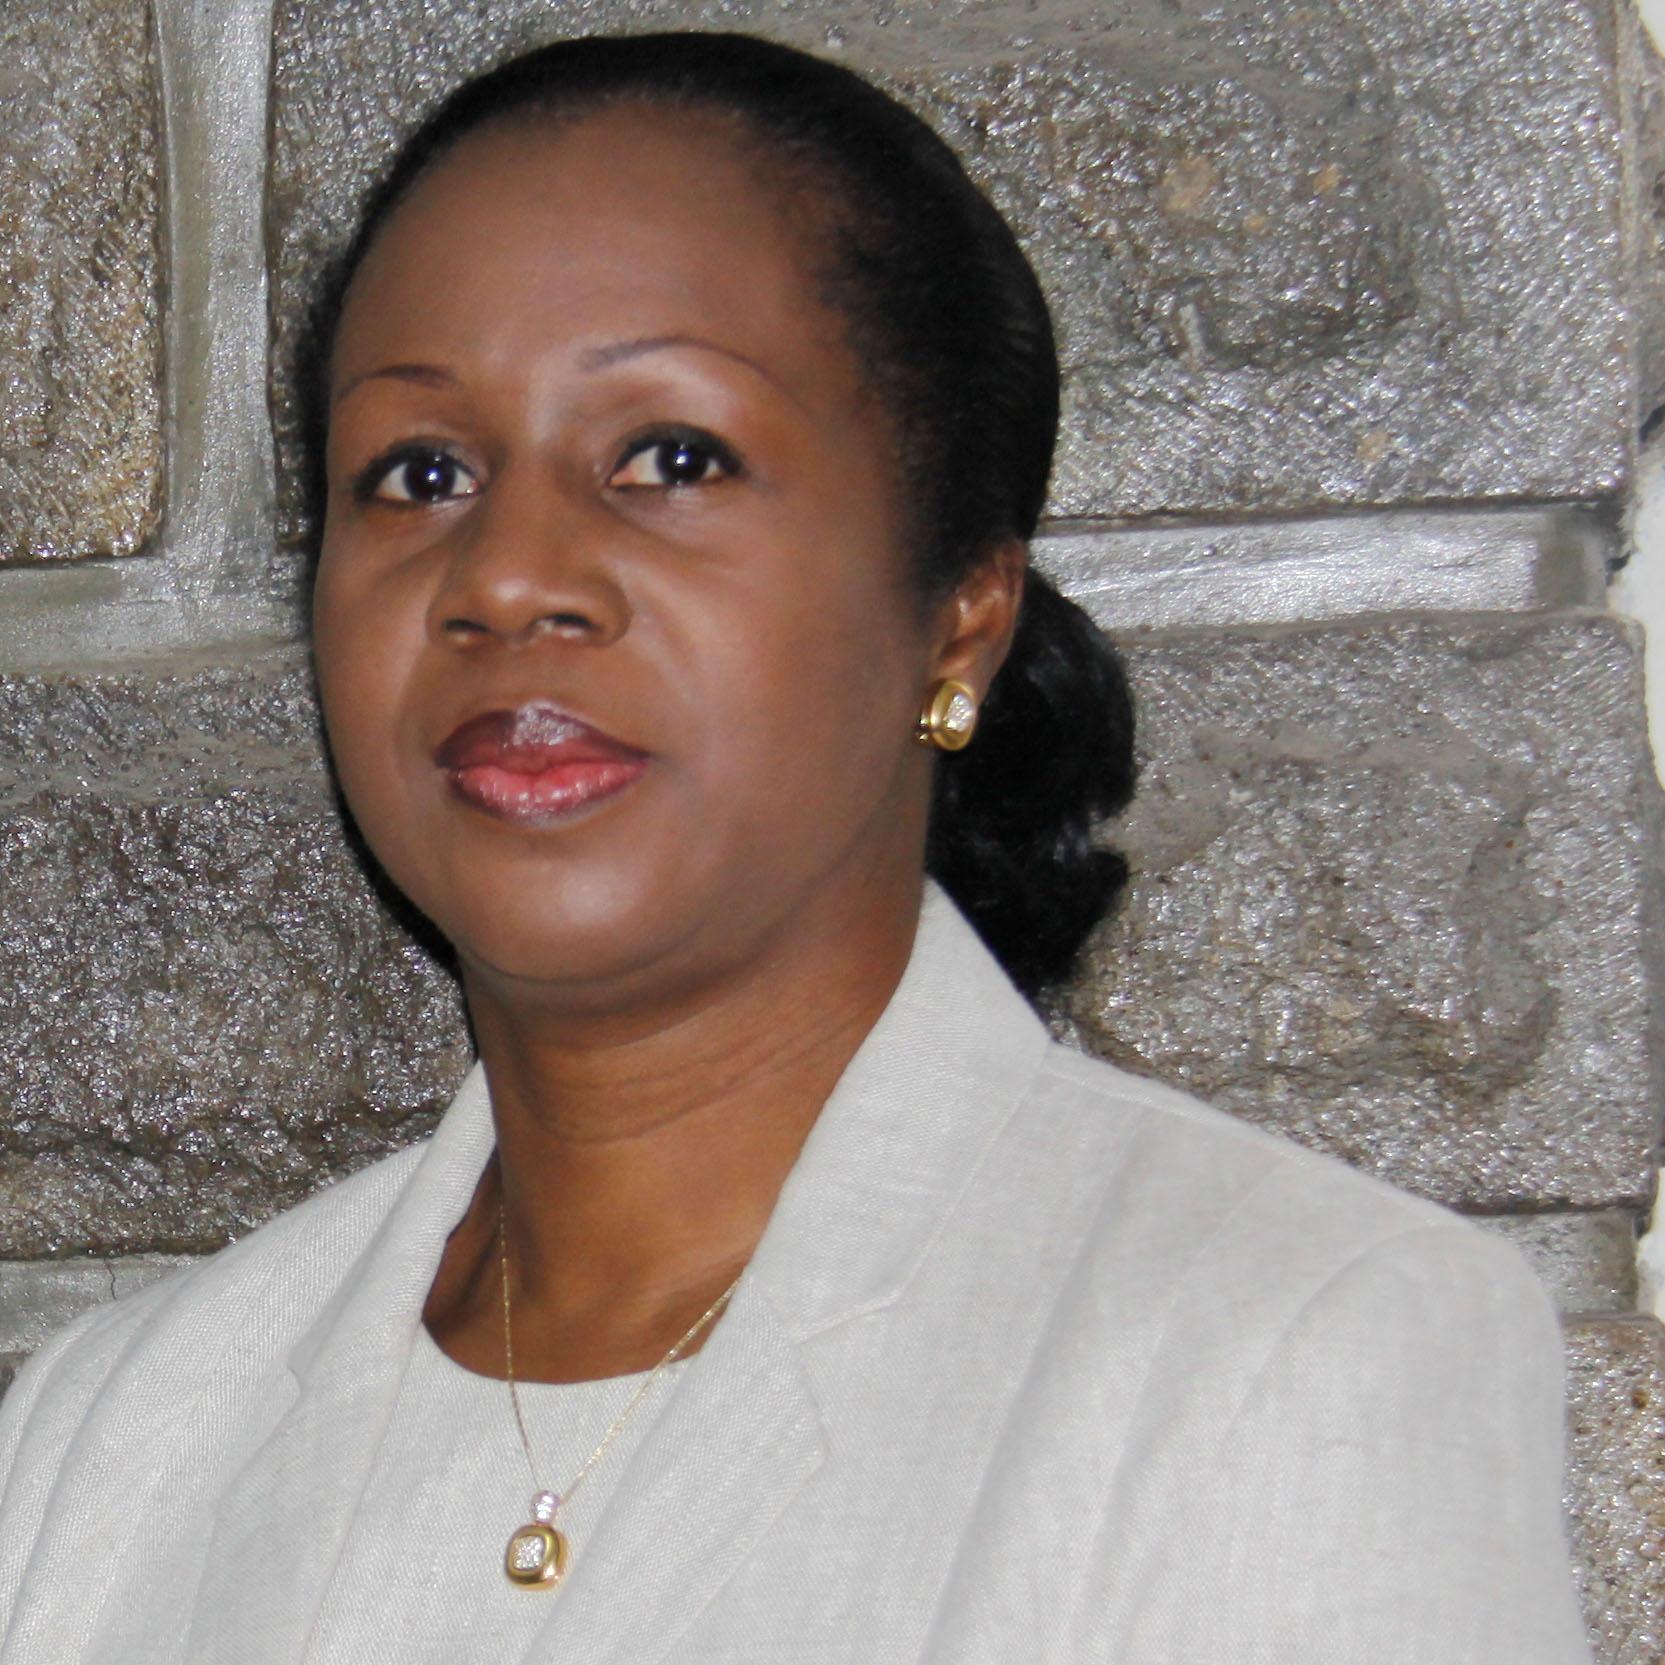 Clementine Nkweta-Salami UNHCR Ethiopia